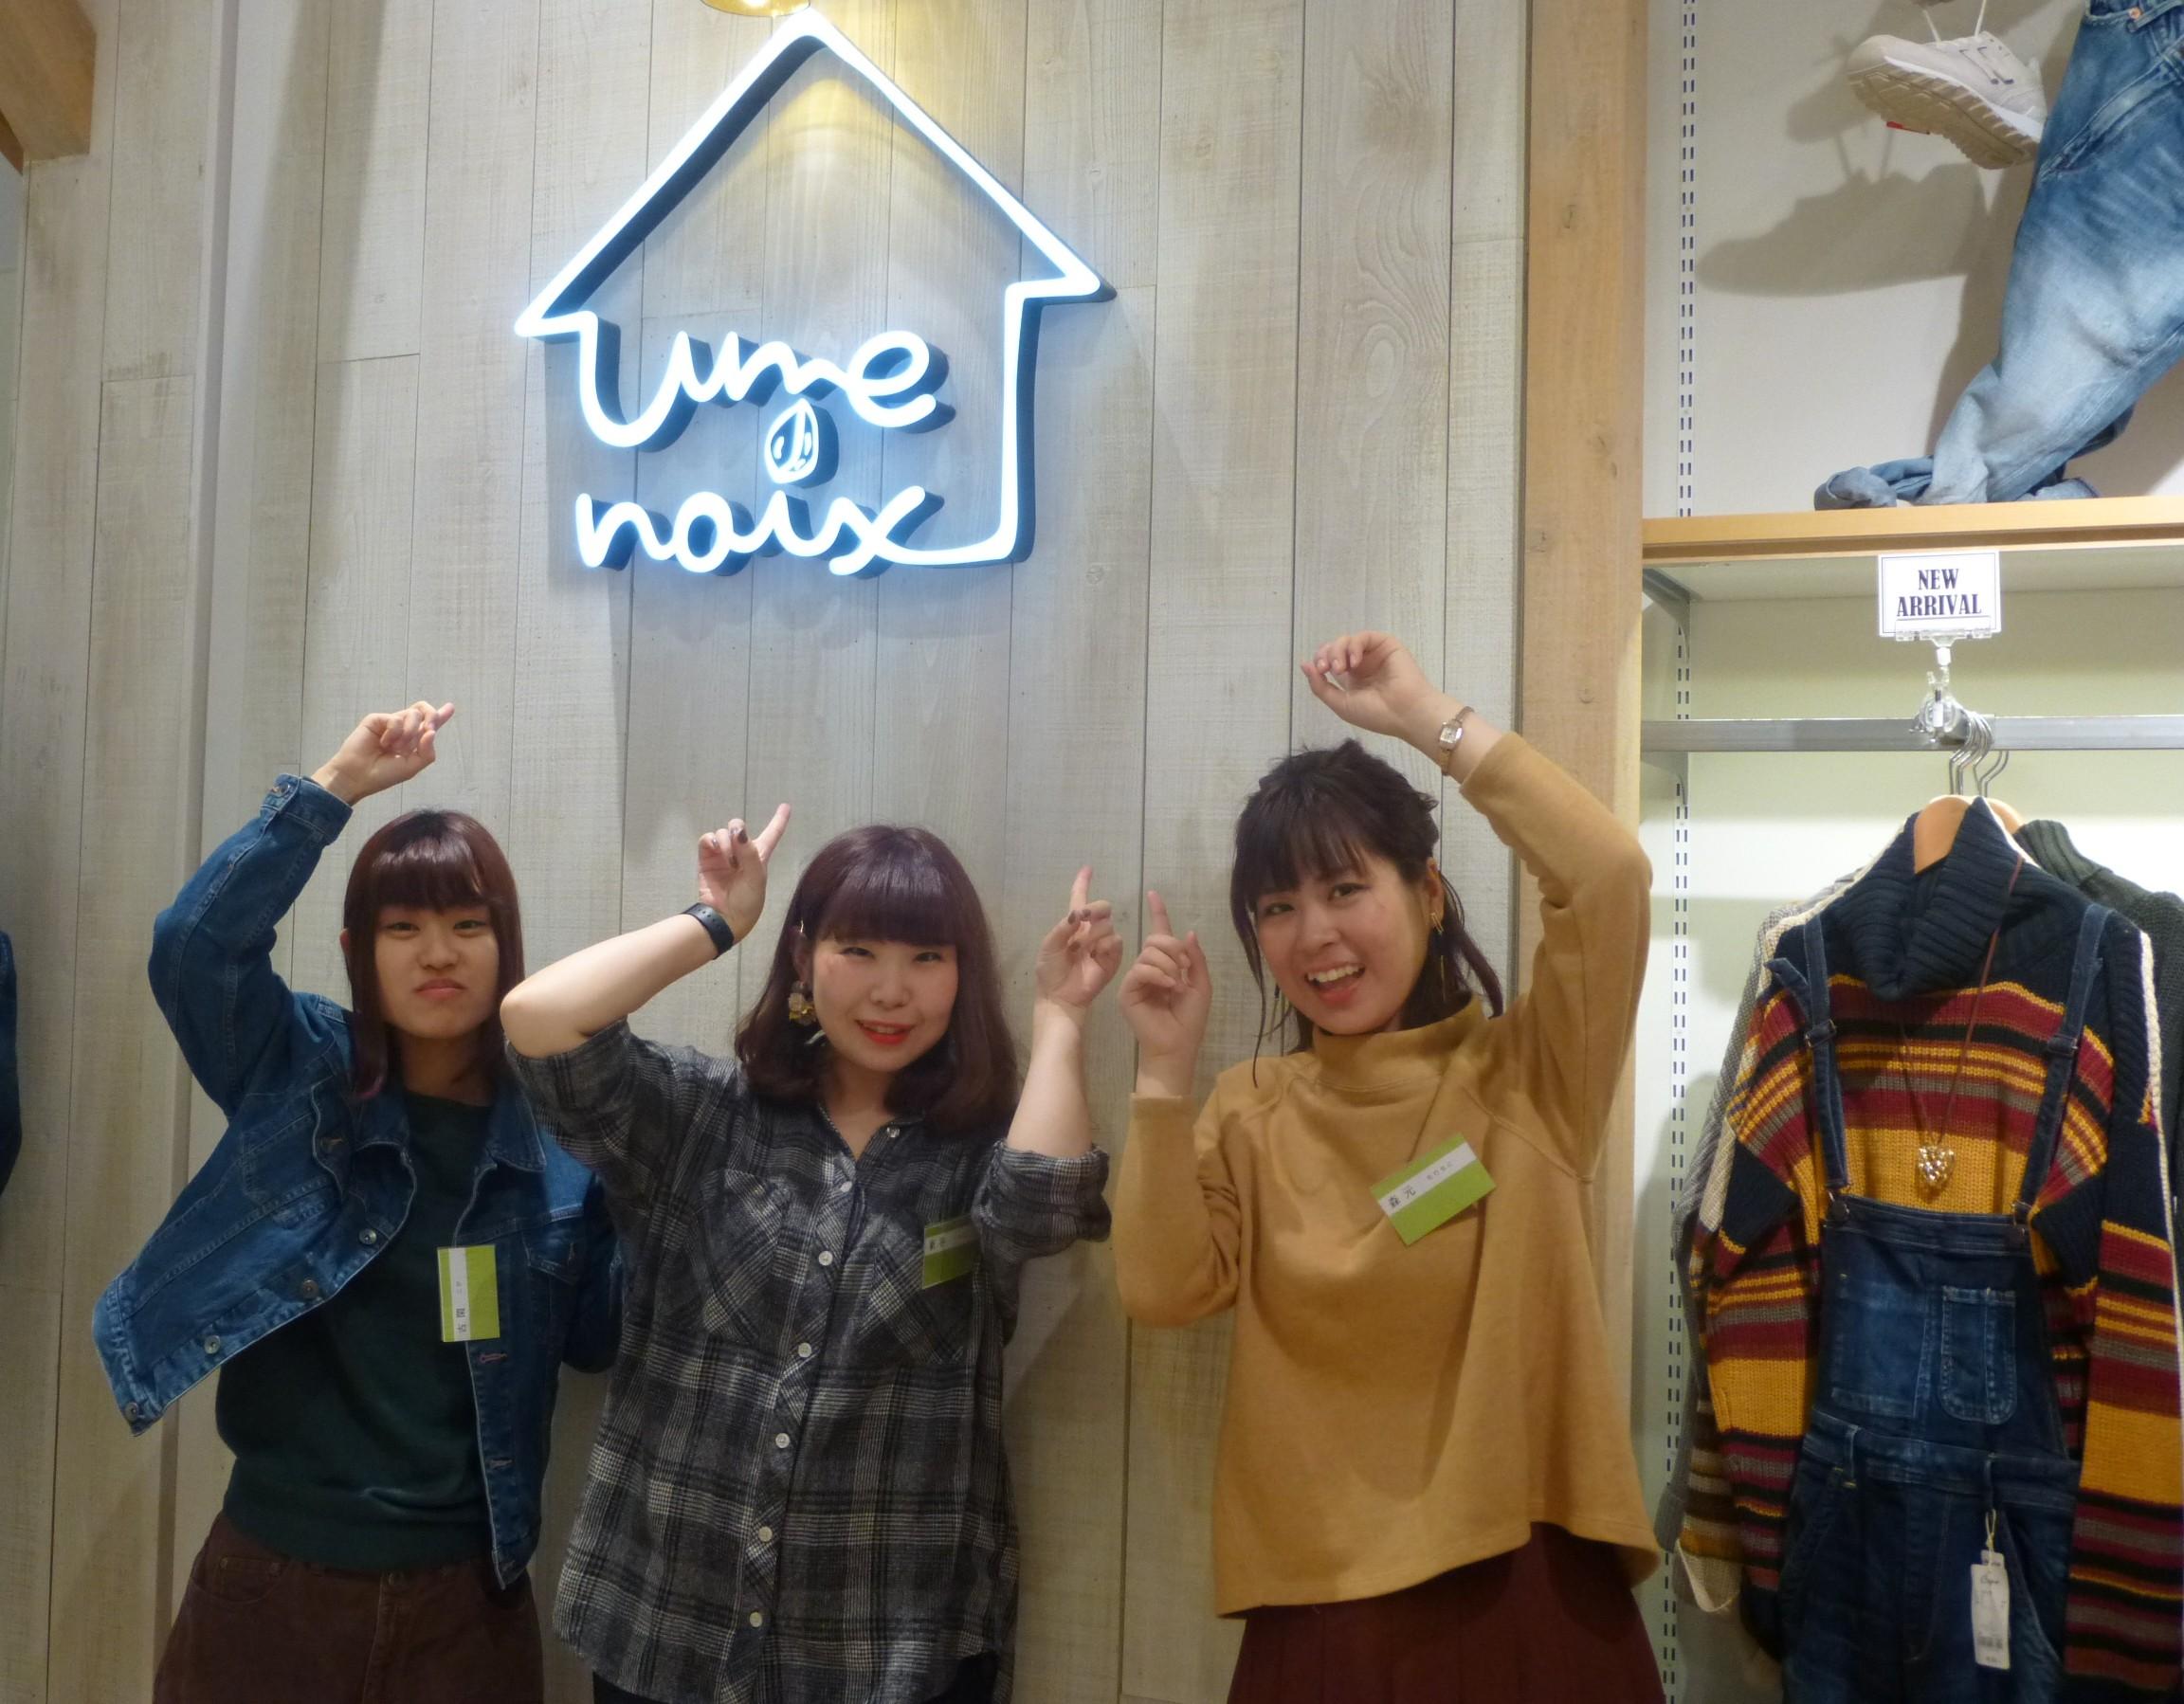 une noix(アンノア) イオンモール綾川店 のアルバイト情報